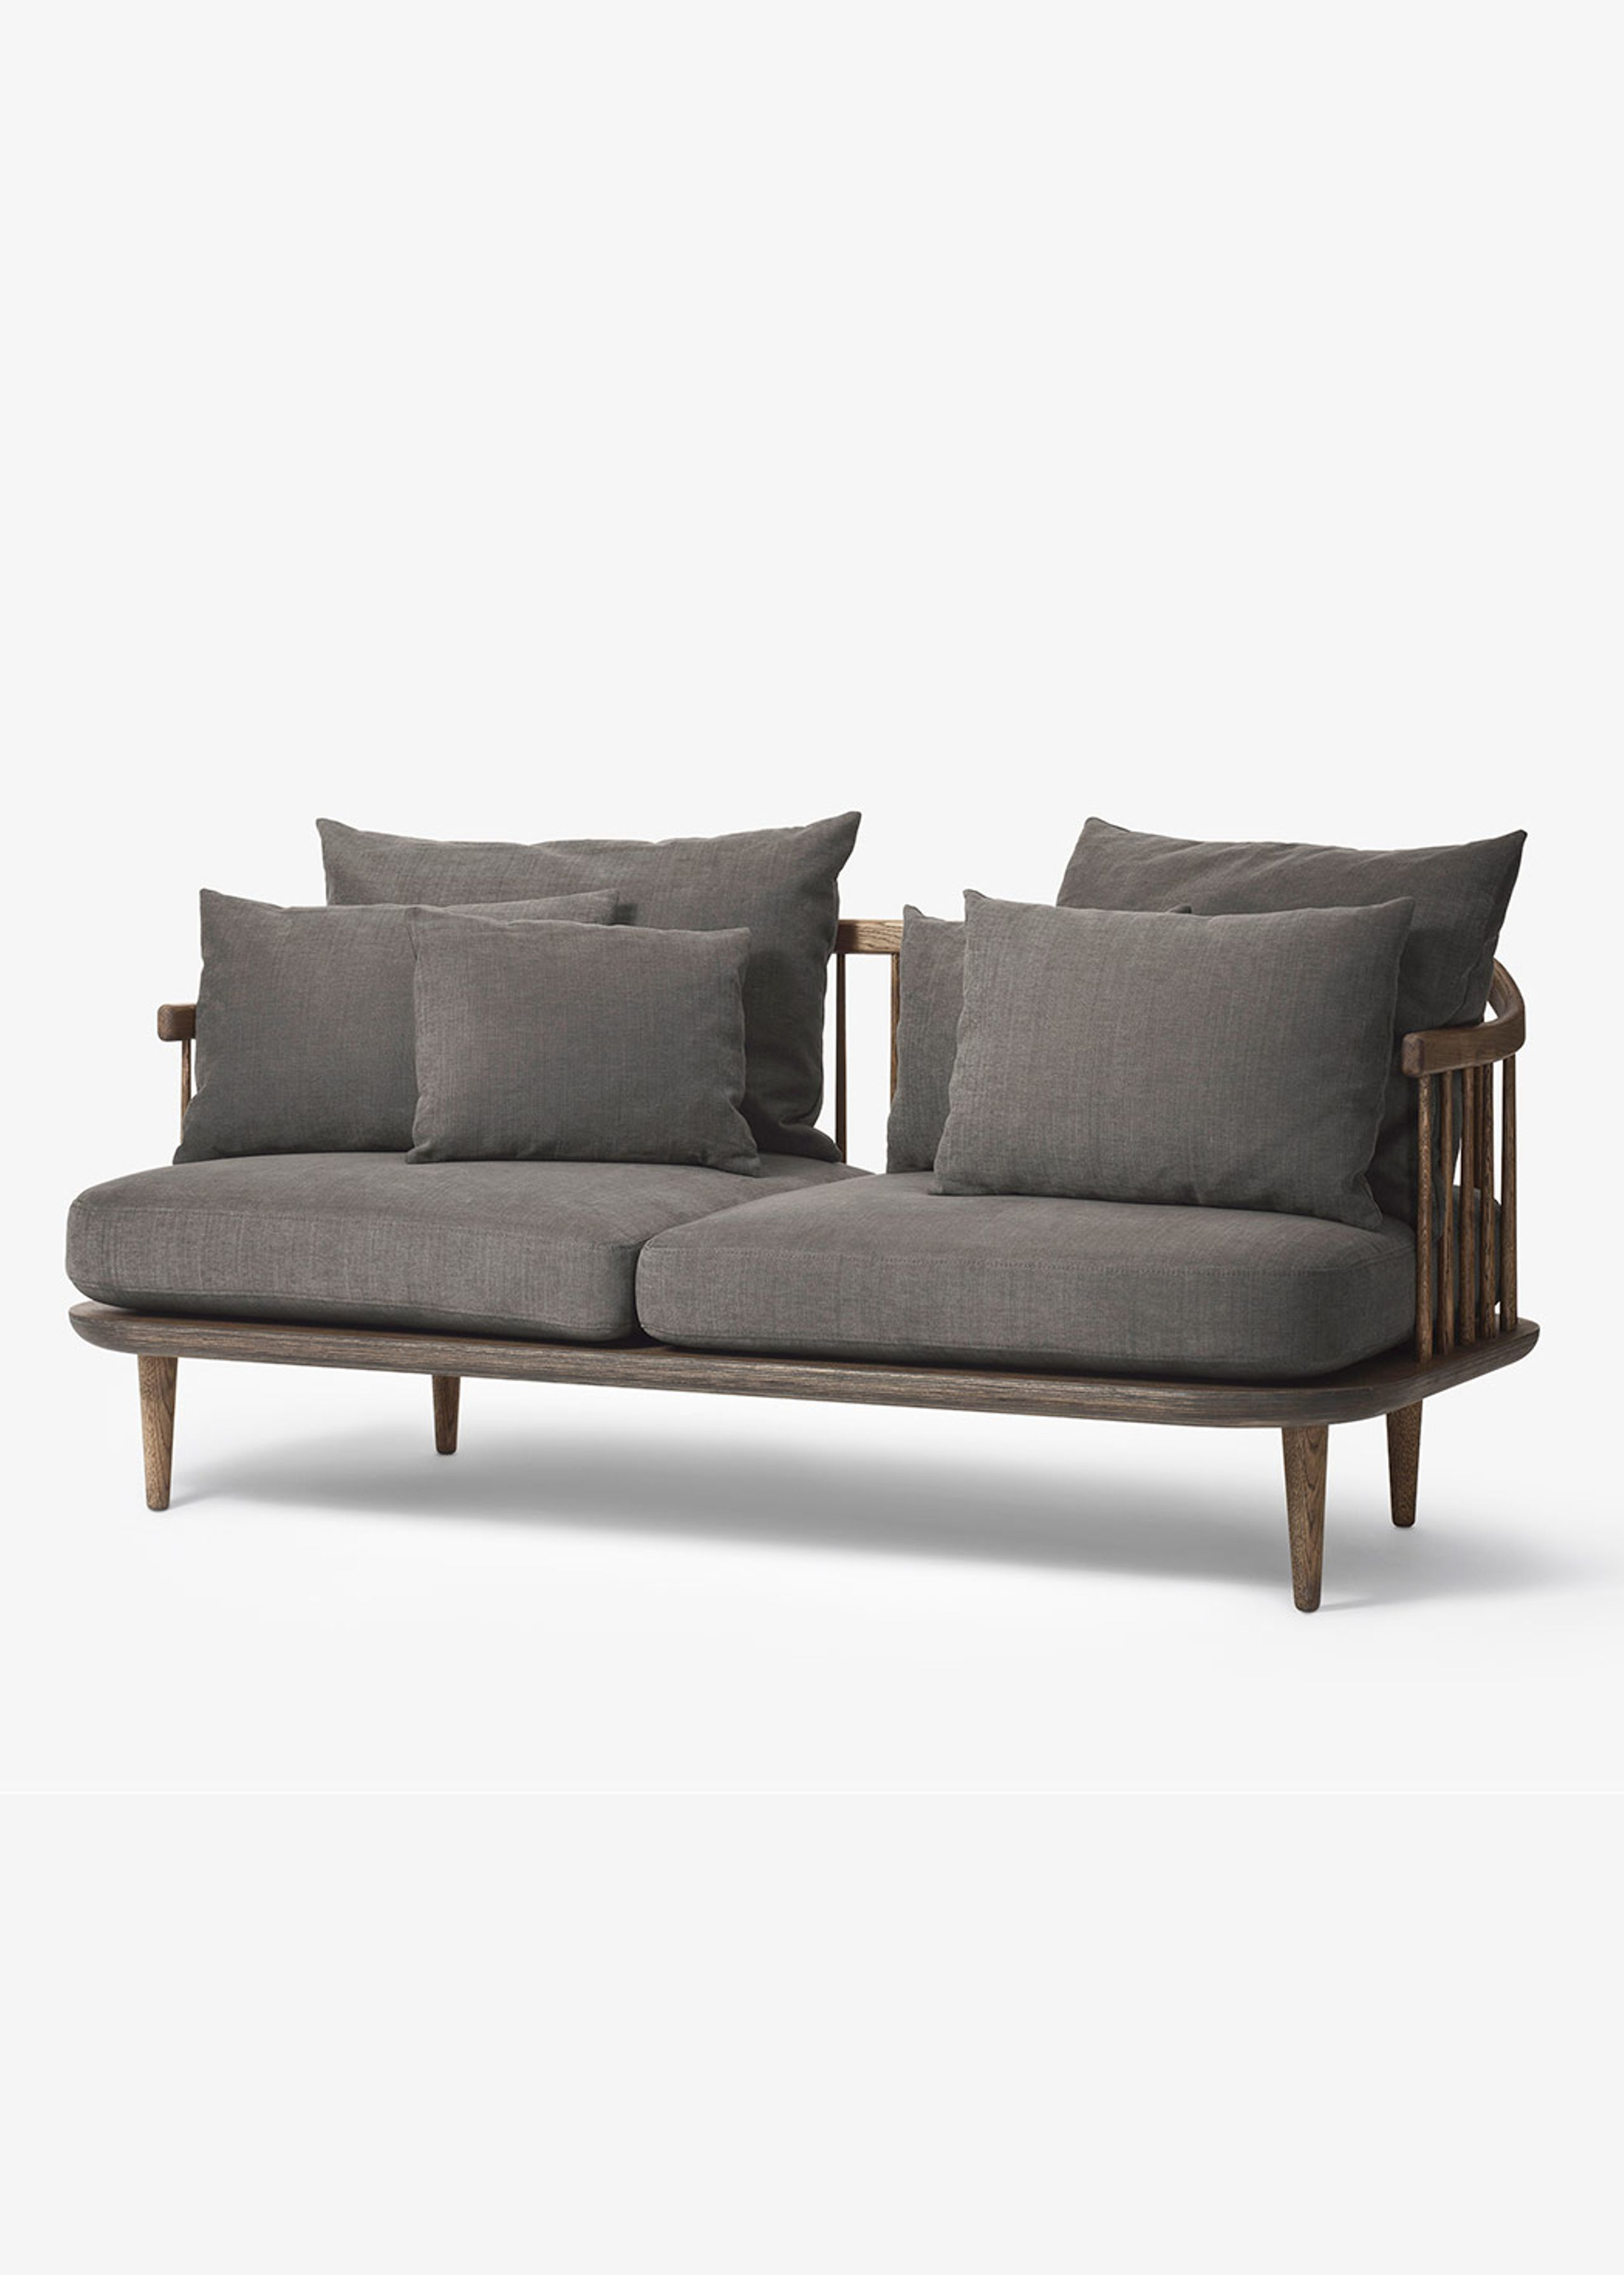 Fly sofa- sc2